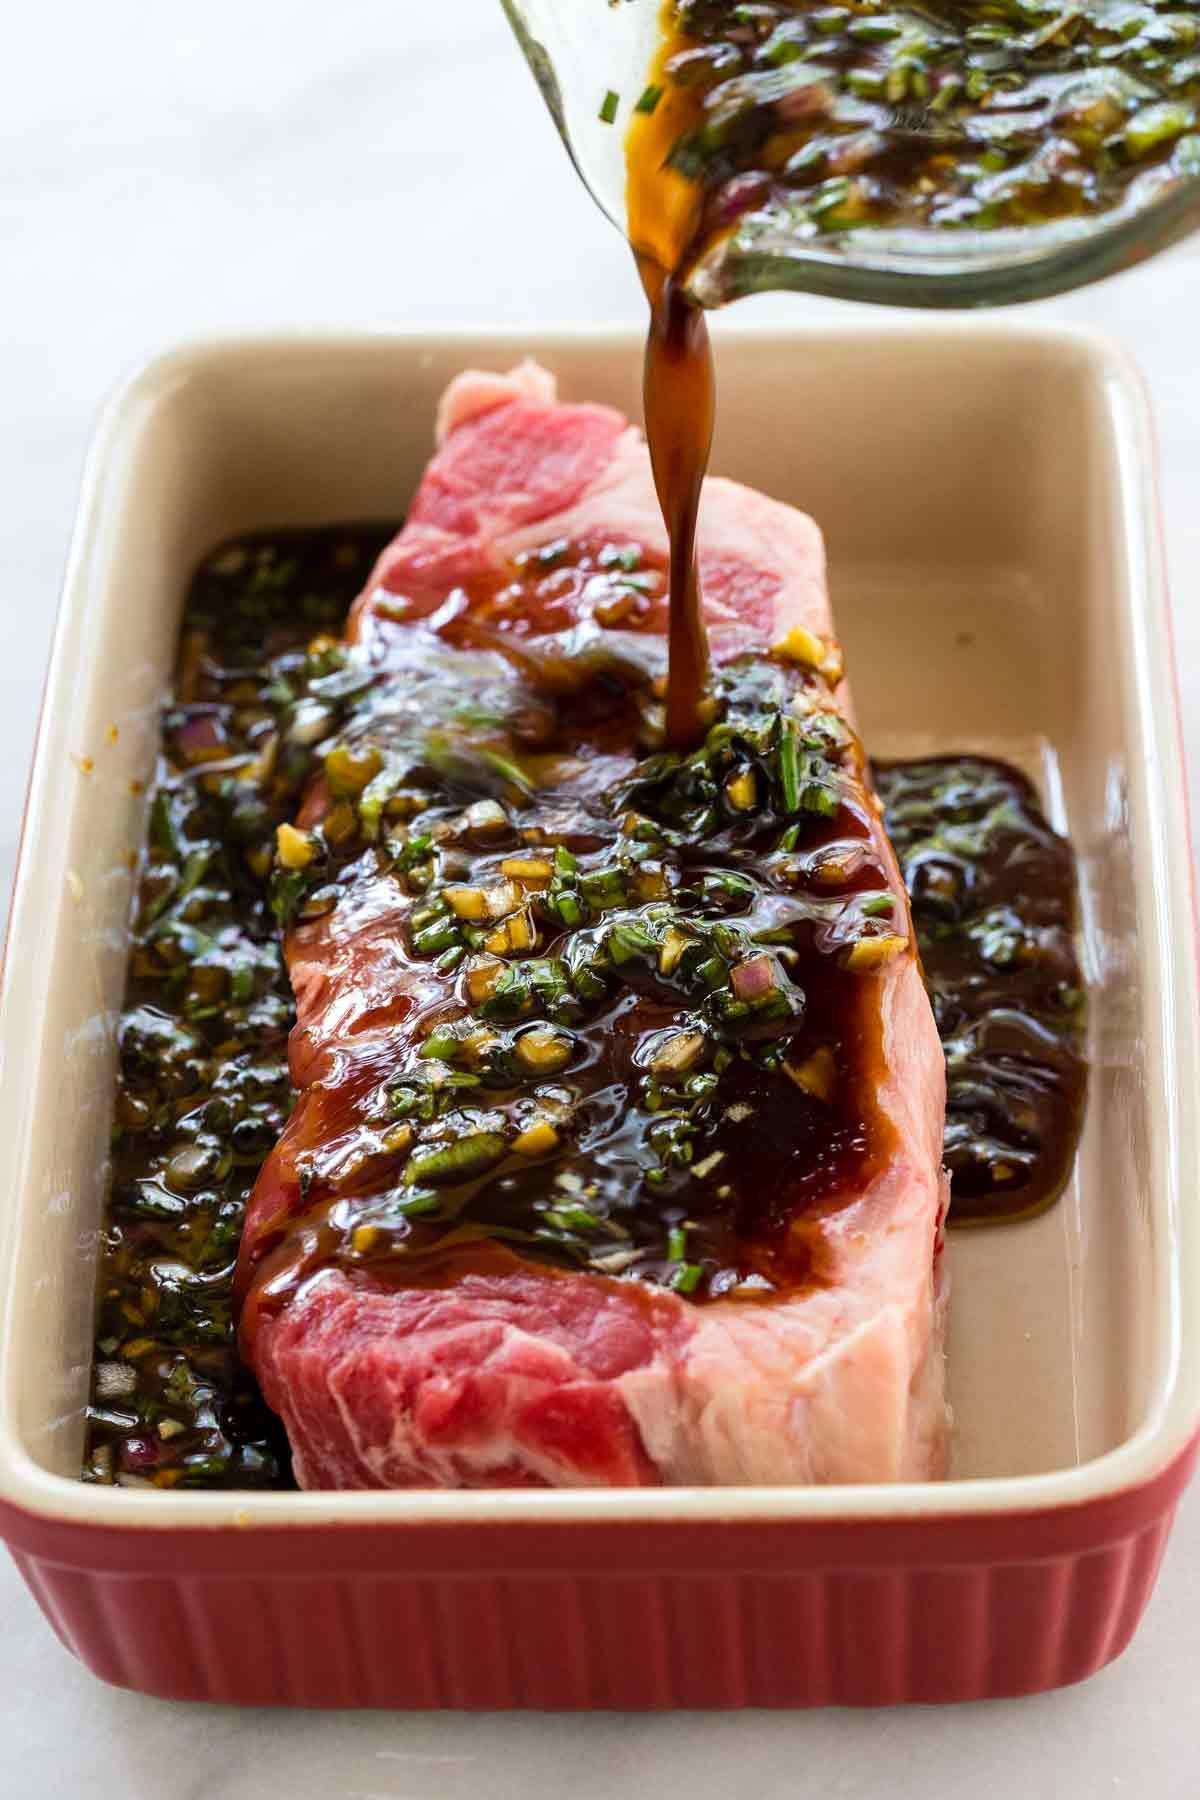 The Best Steak Marinade Recipe Jessica Gavin Recipe Grilled Steak Recipes Easy Steak Marinade Recipes Steak Marinade Easy